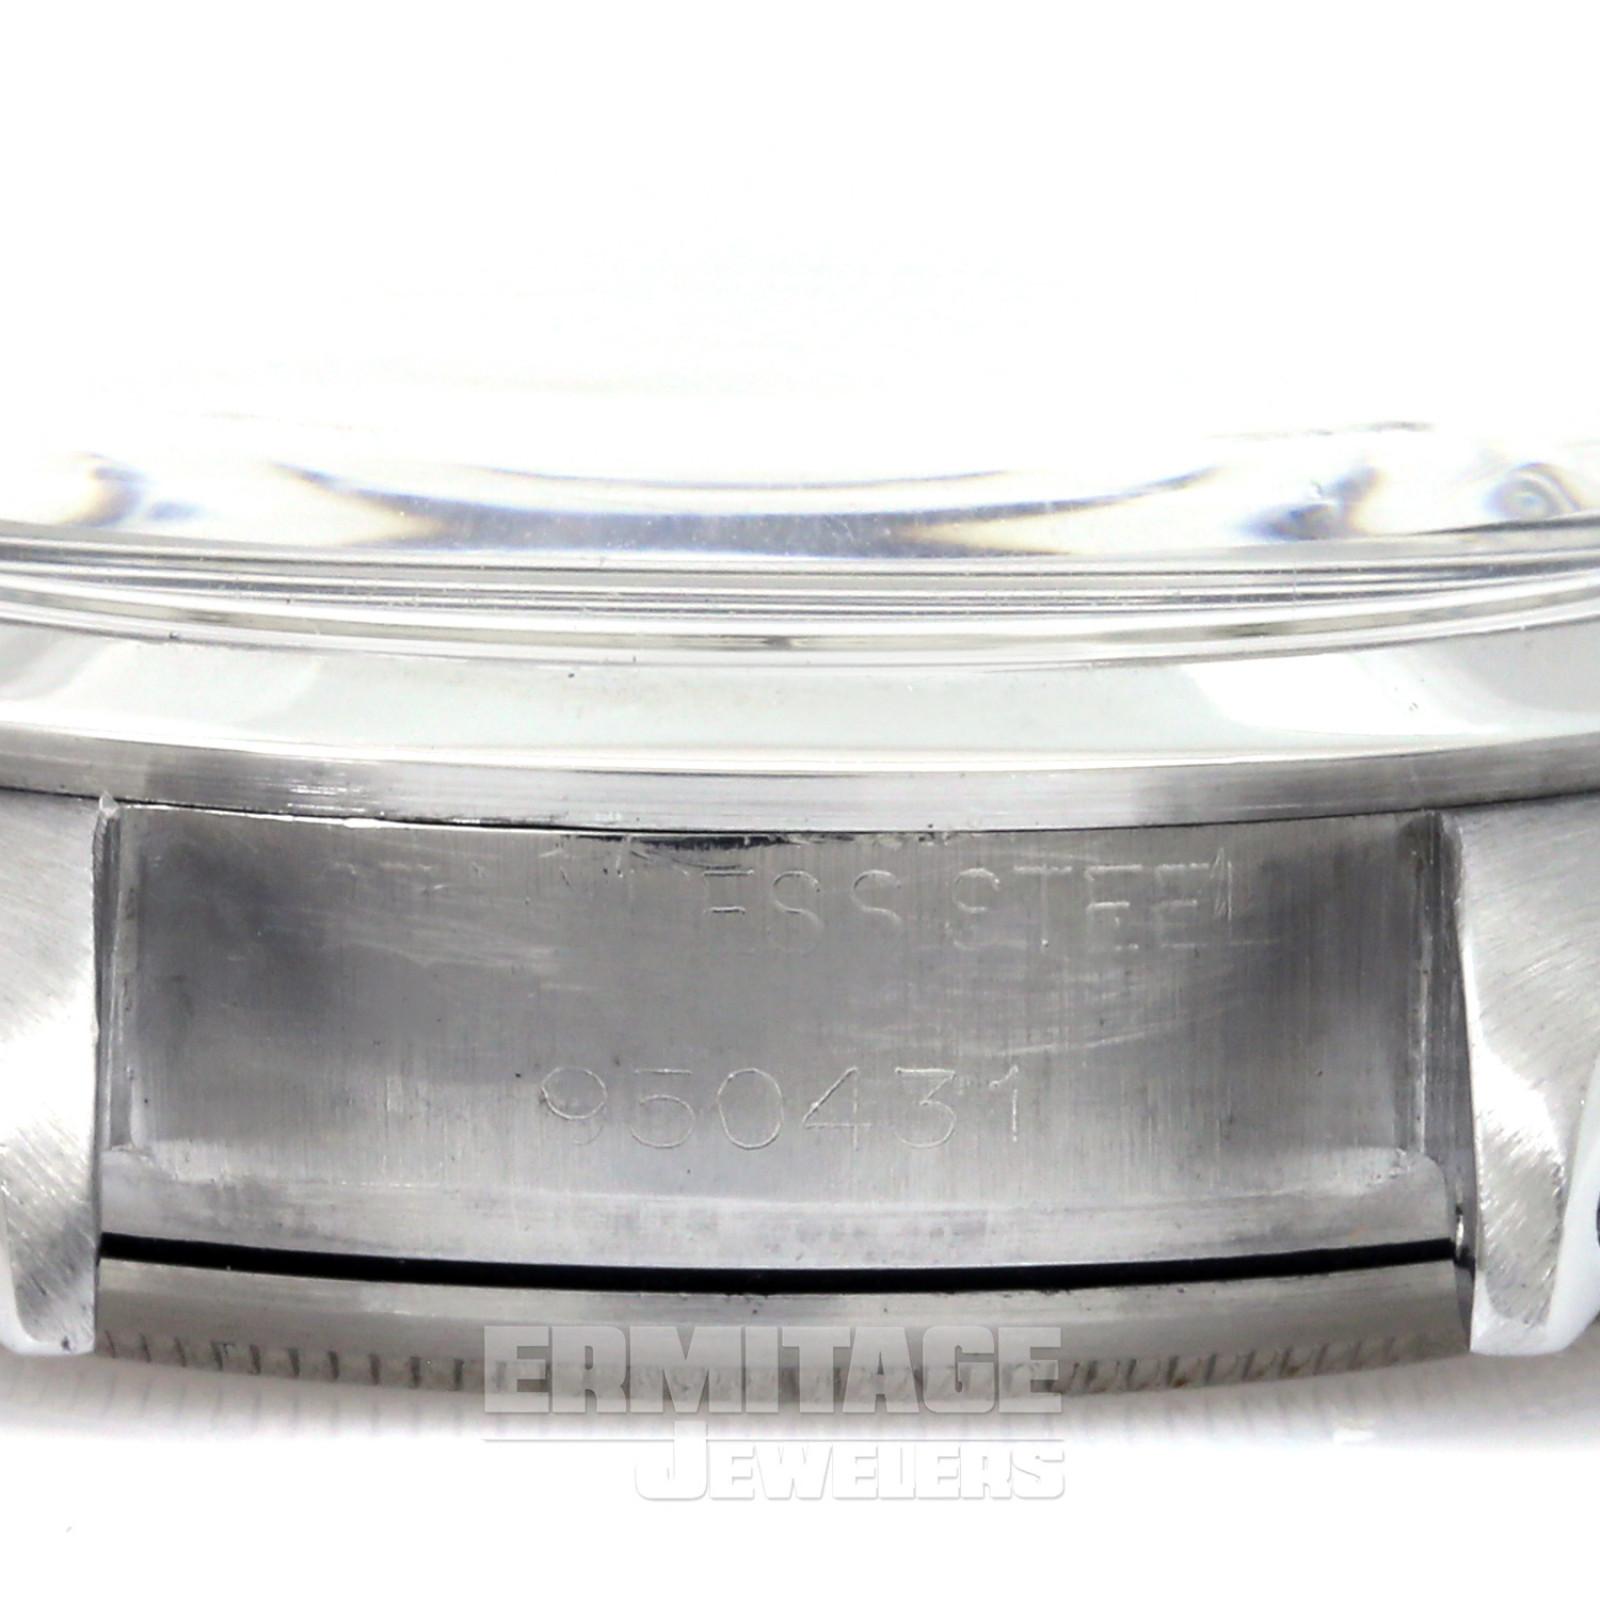 Vintage Rolex 6238 36.5 mm Steel on Oyster, Smooth Bezel